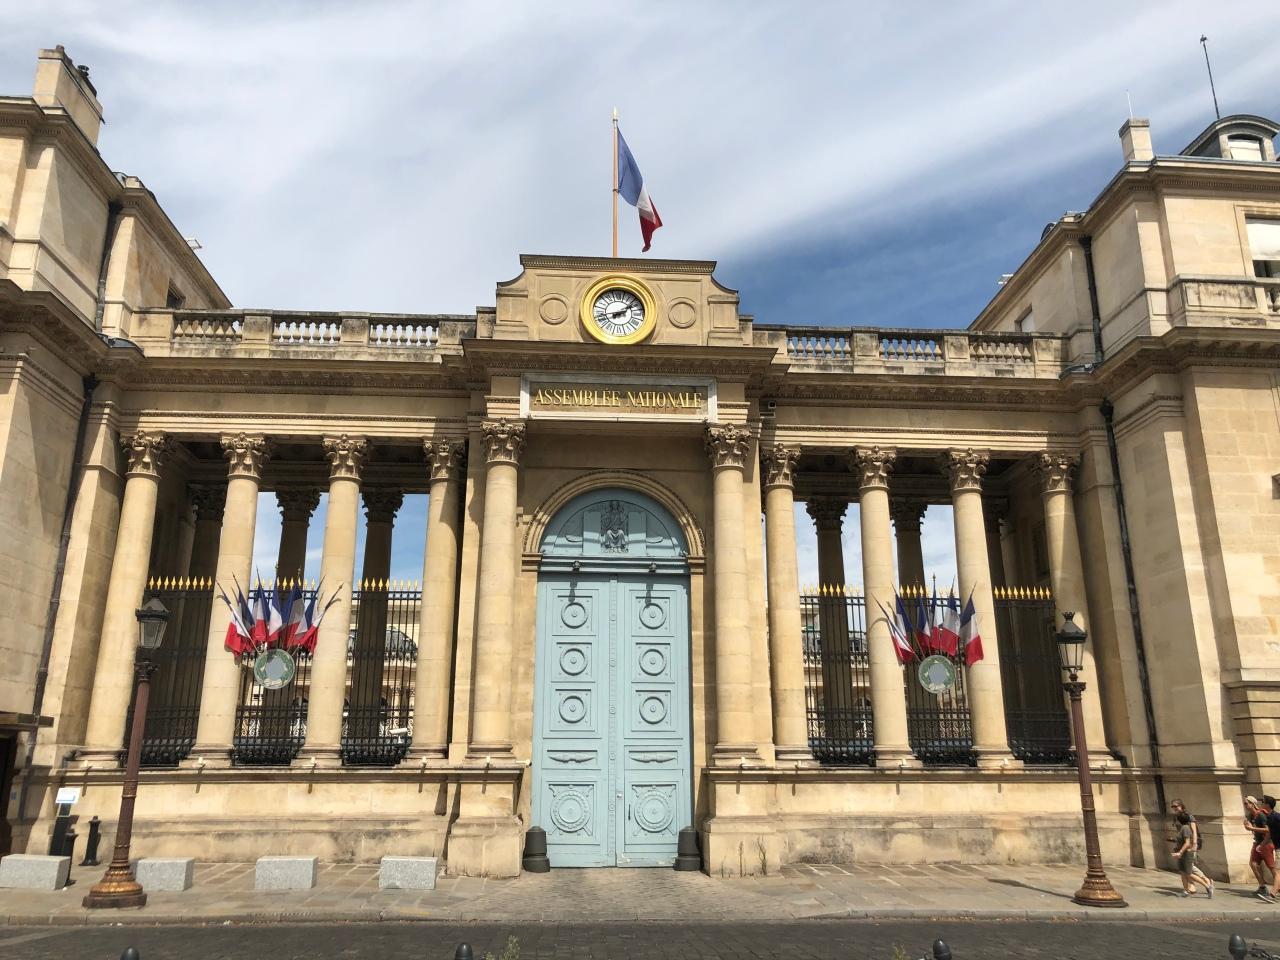 Asemblee Nationale Paris